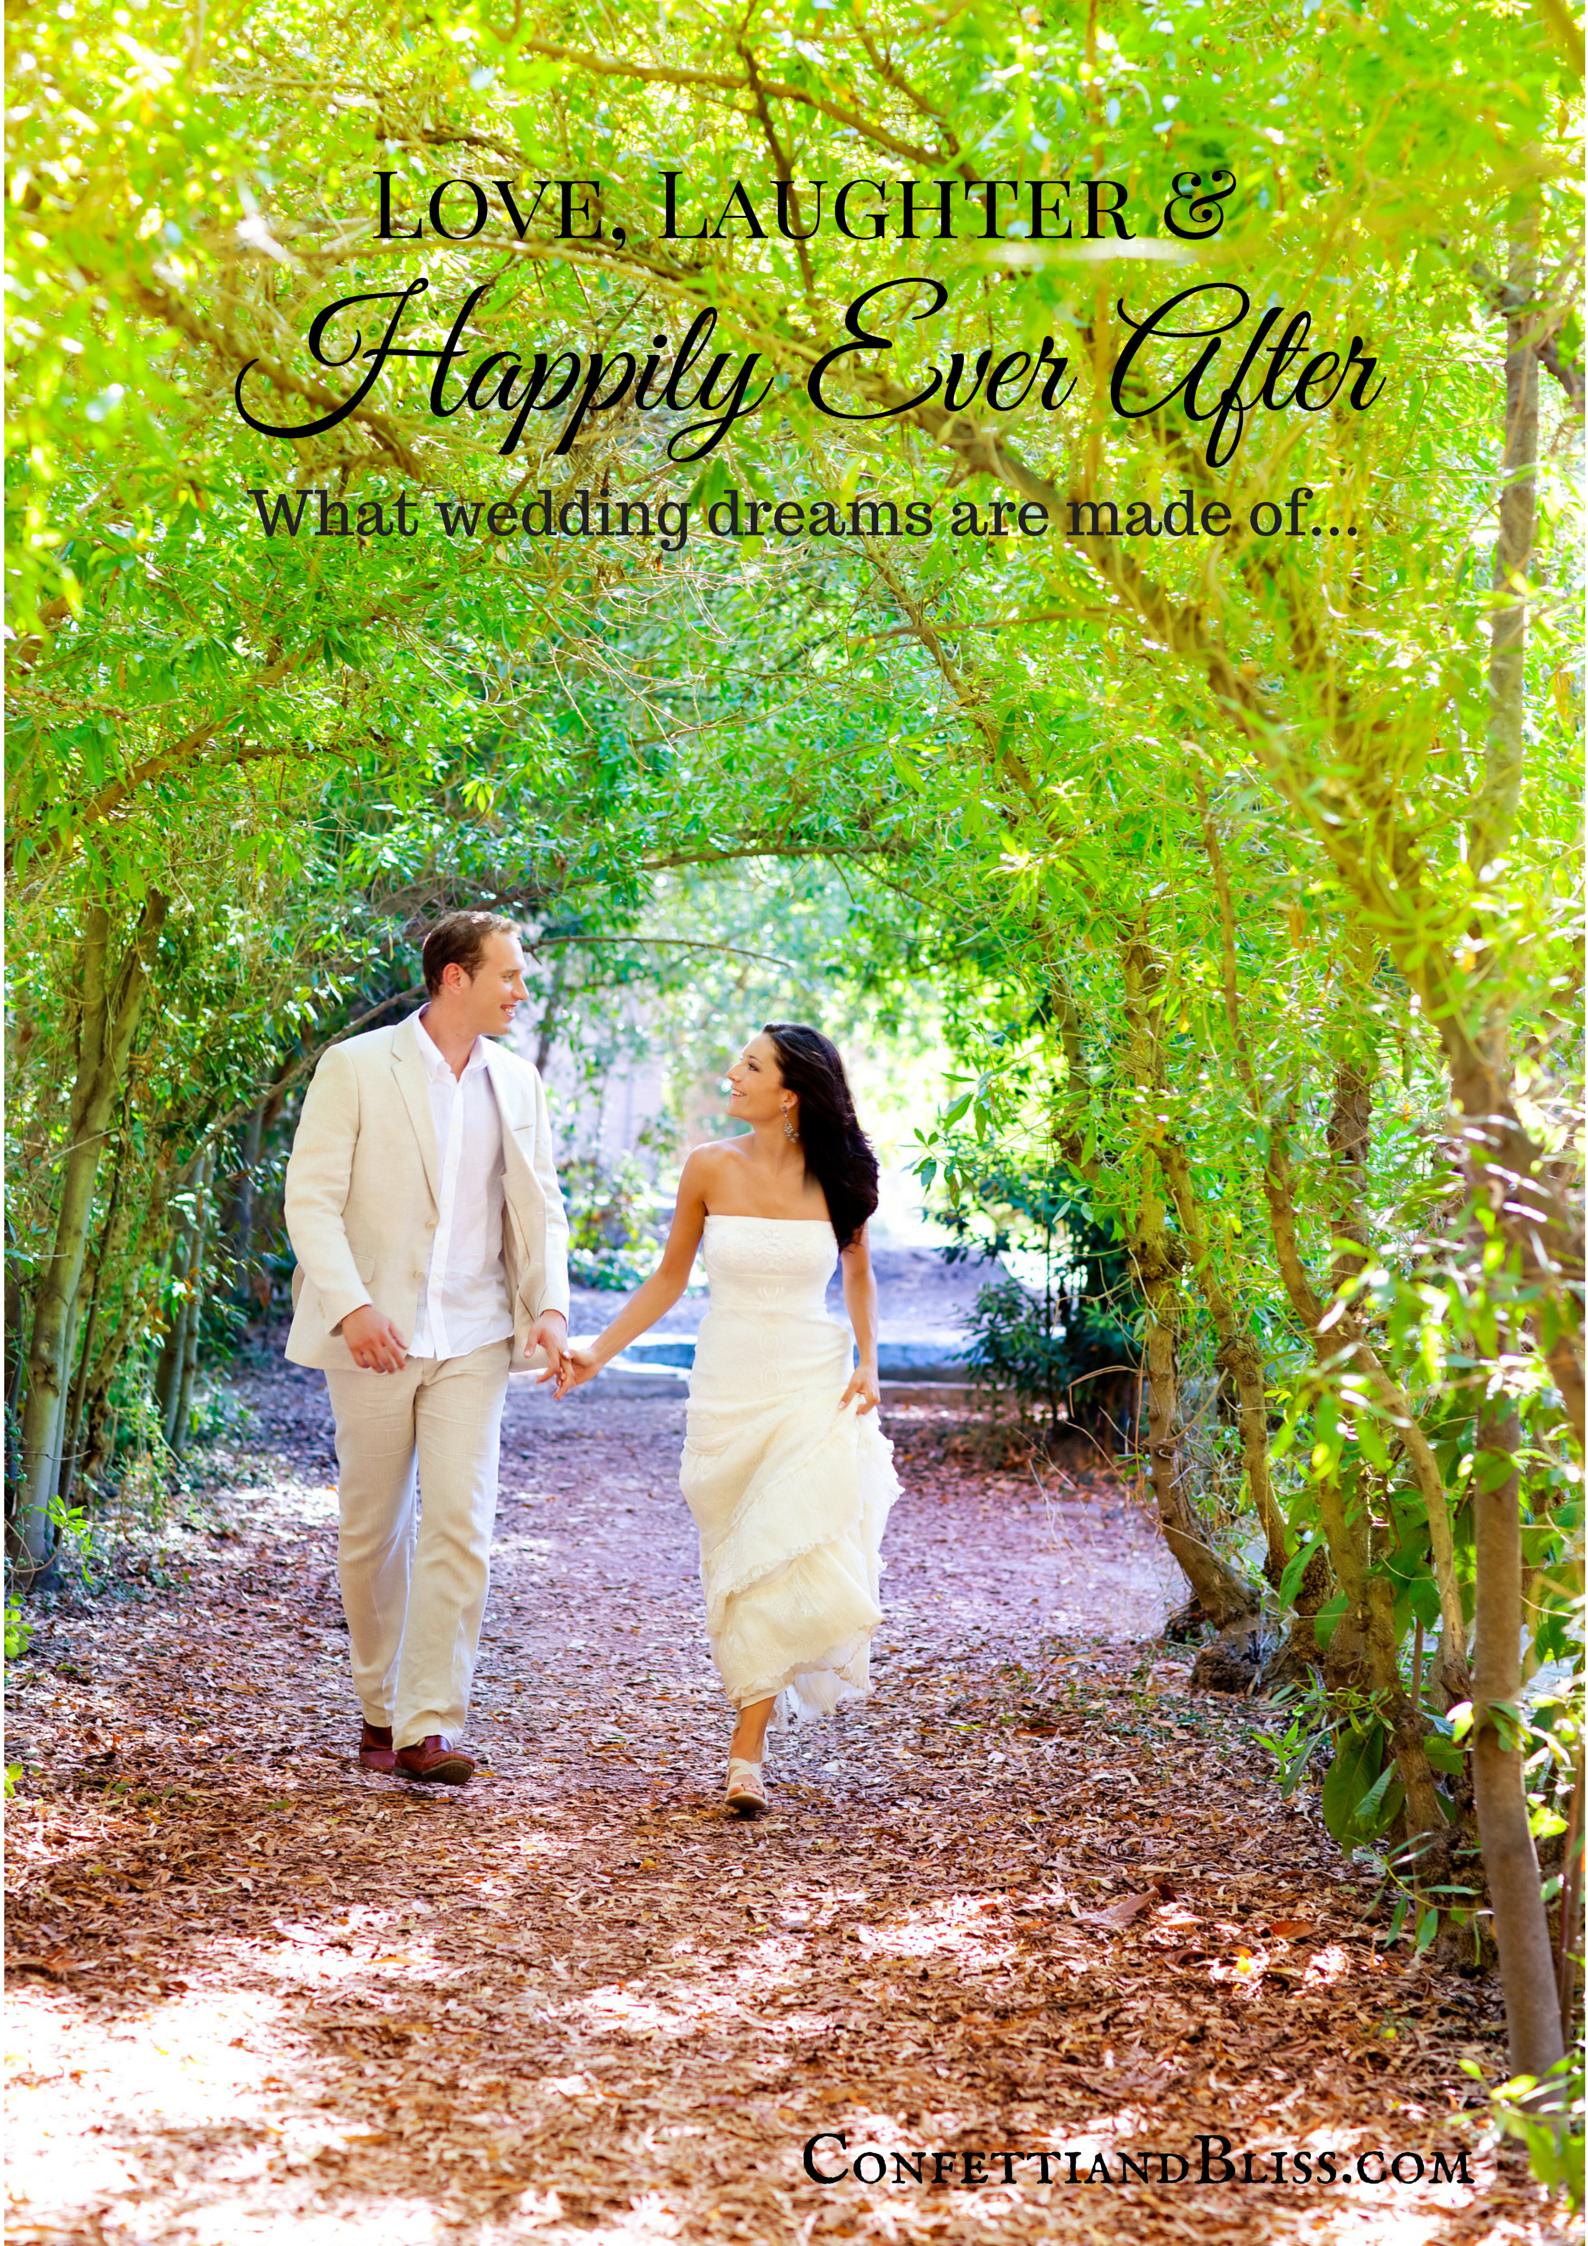 Wedding card wording confetti bliss wedding card wording m4hsunfo